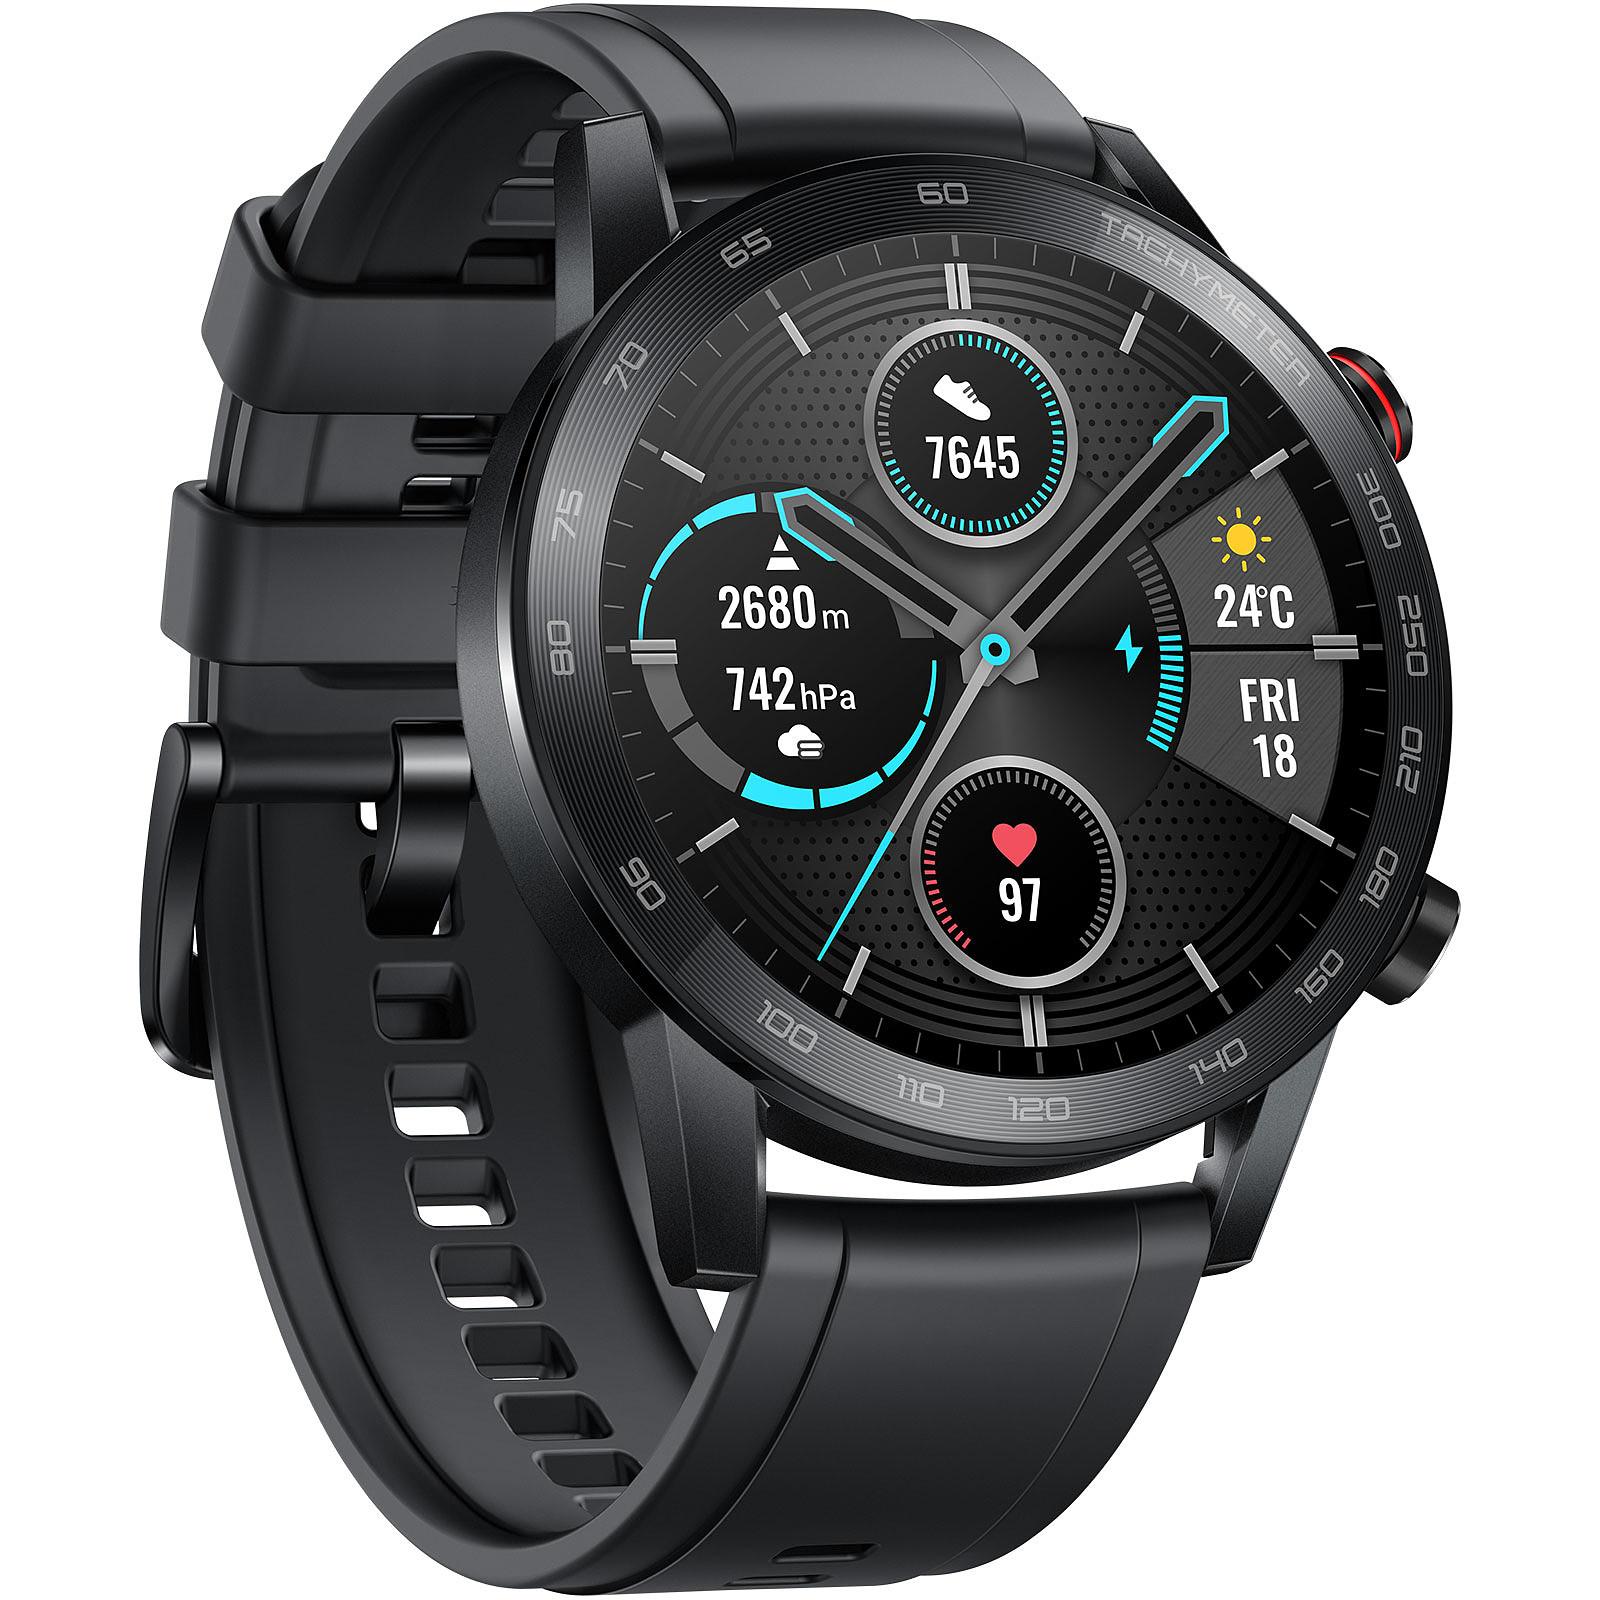 Montre connectée Honor Magic Watch 2 (46 mm) à 134.96€ & Magic Watch (Noir/Rouge) à 83.41€